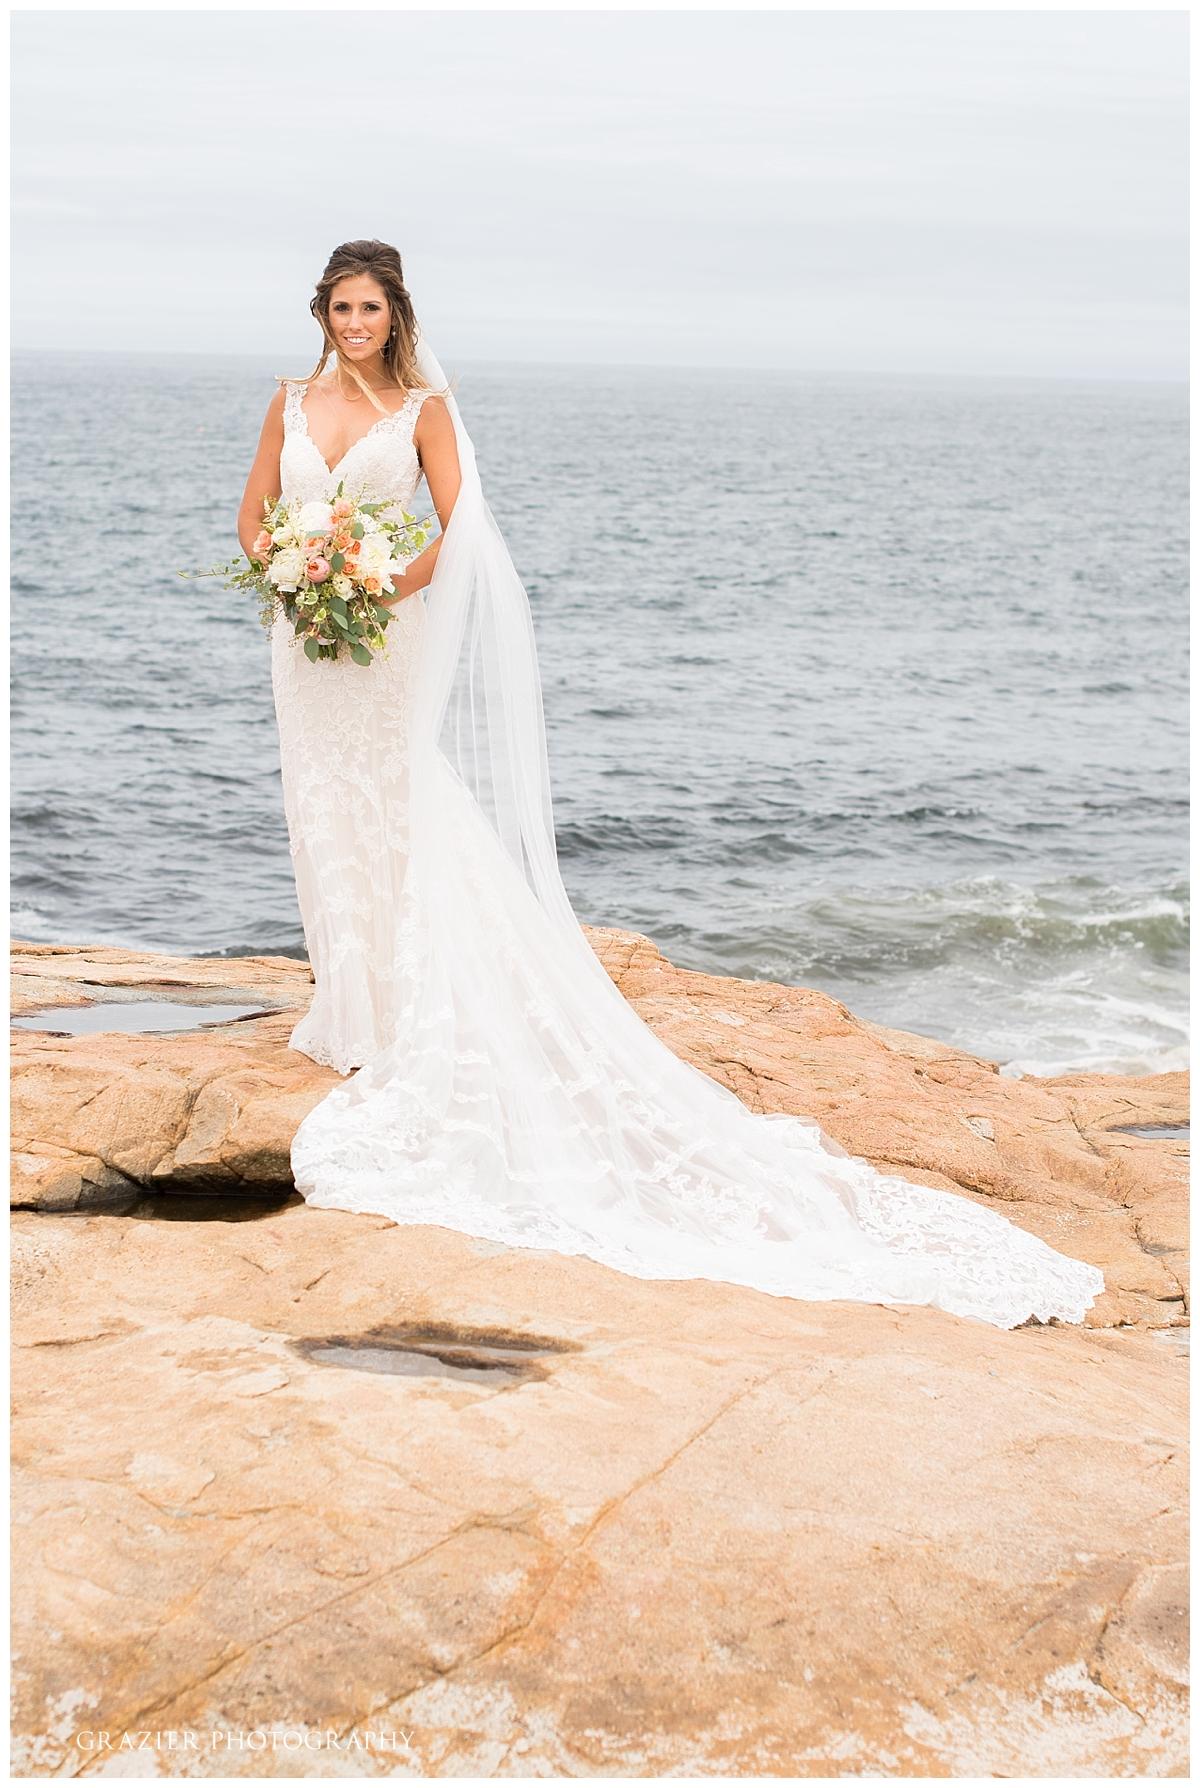 Beauport Hotel Wedding Grazier Photography 2017-35_WEB.jpg